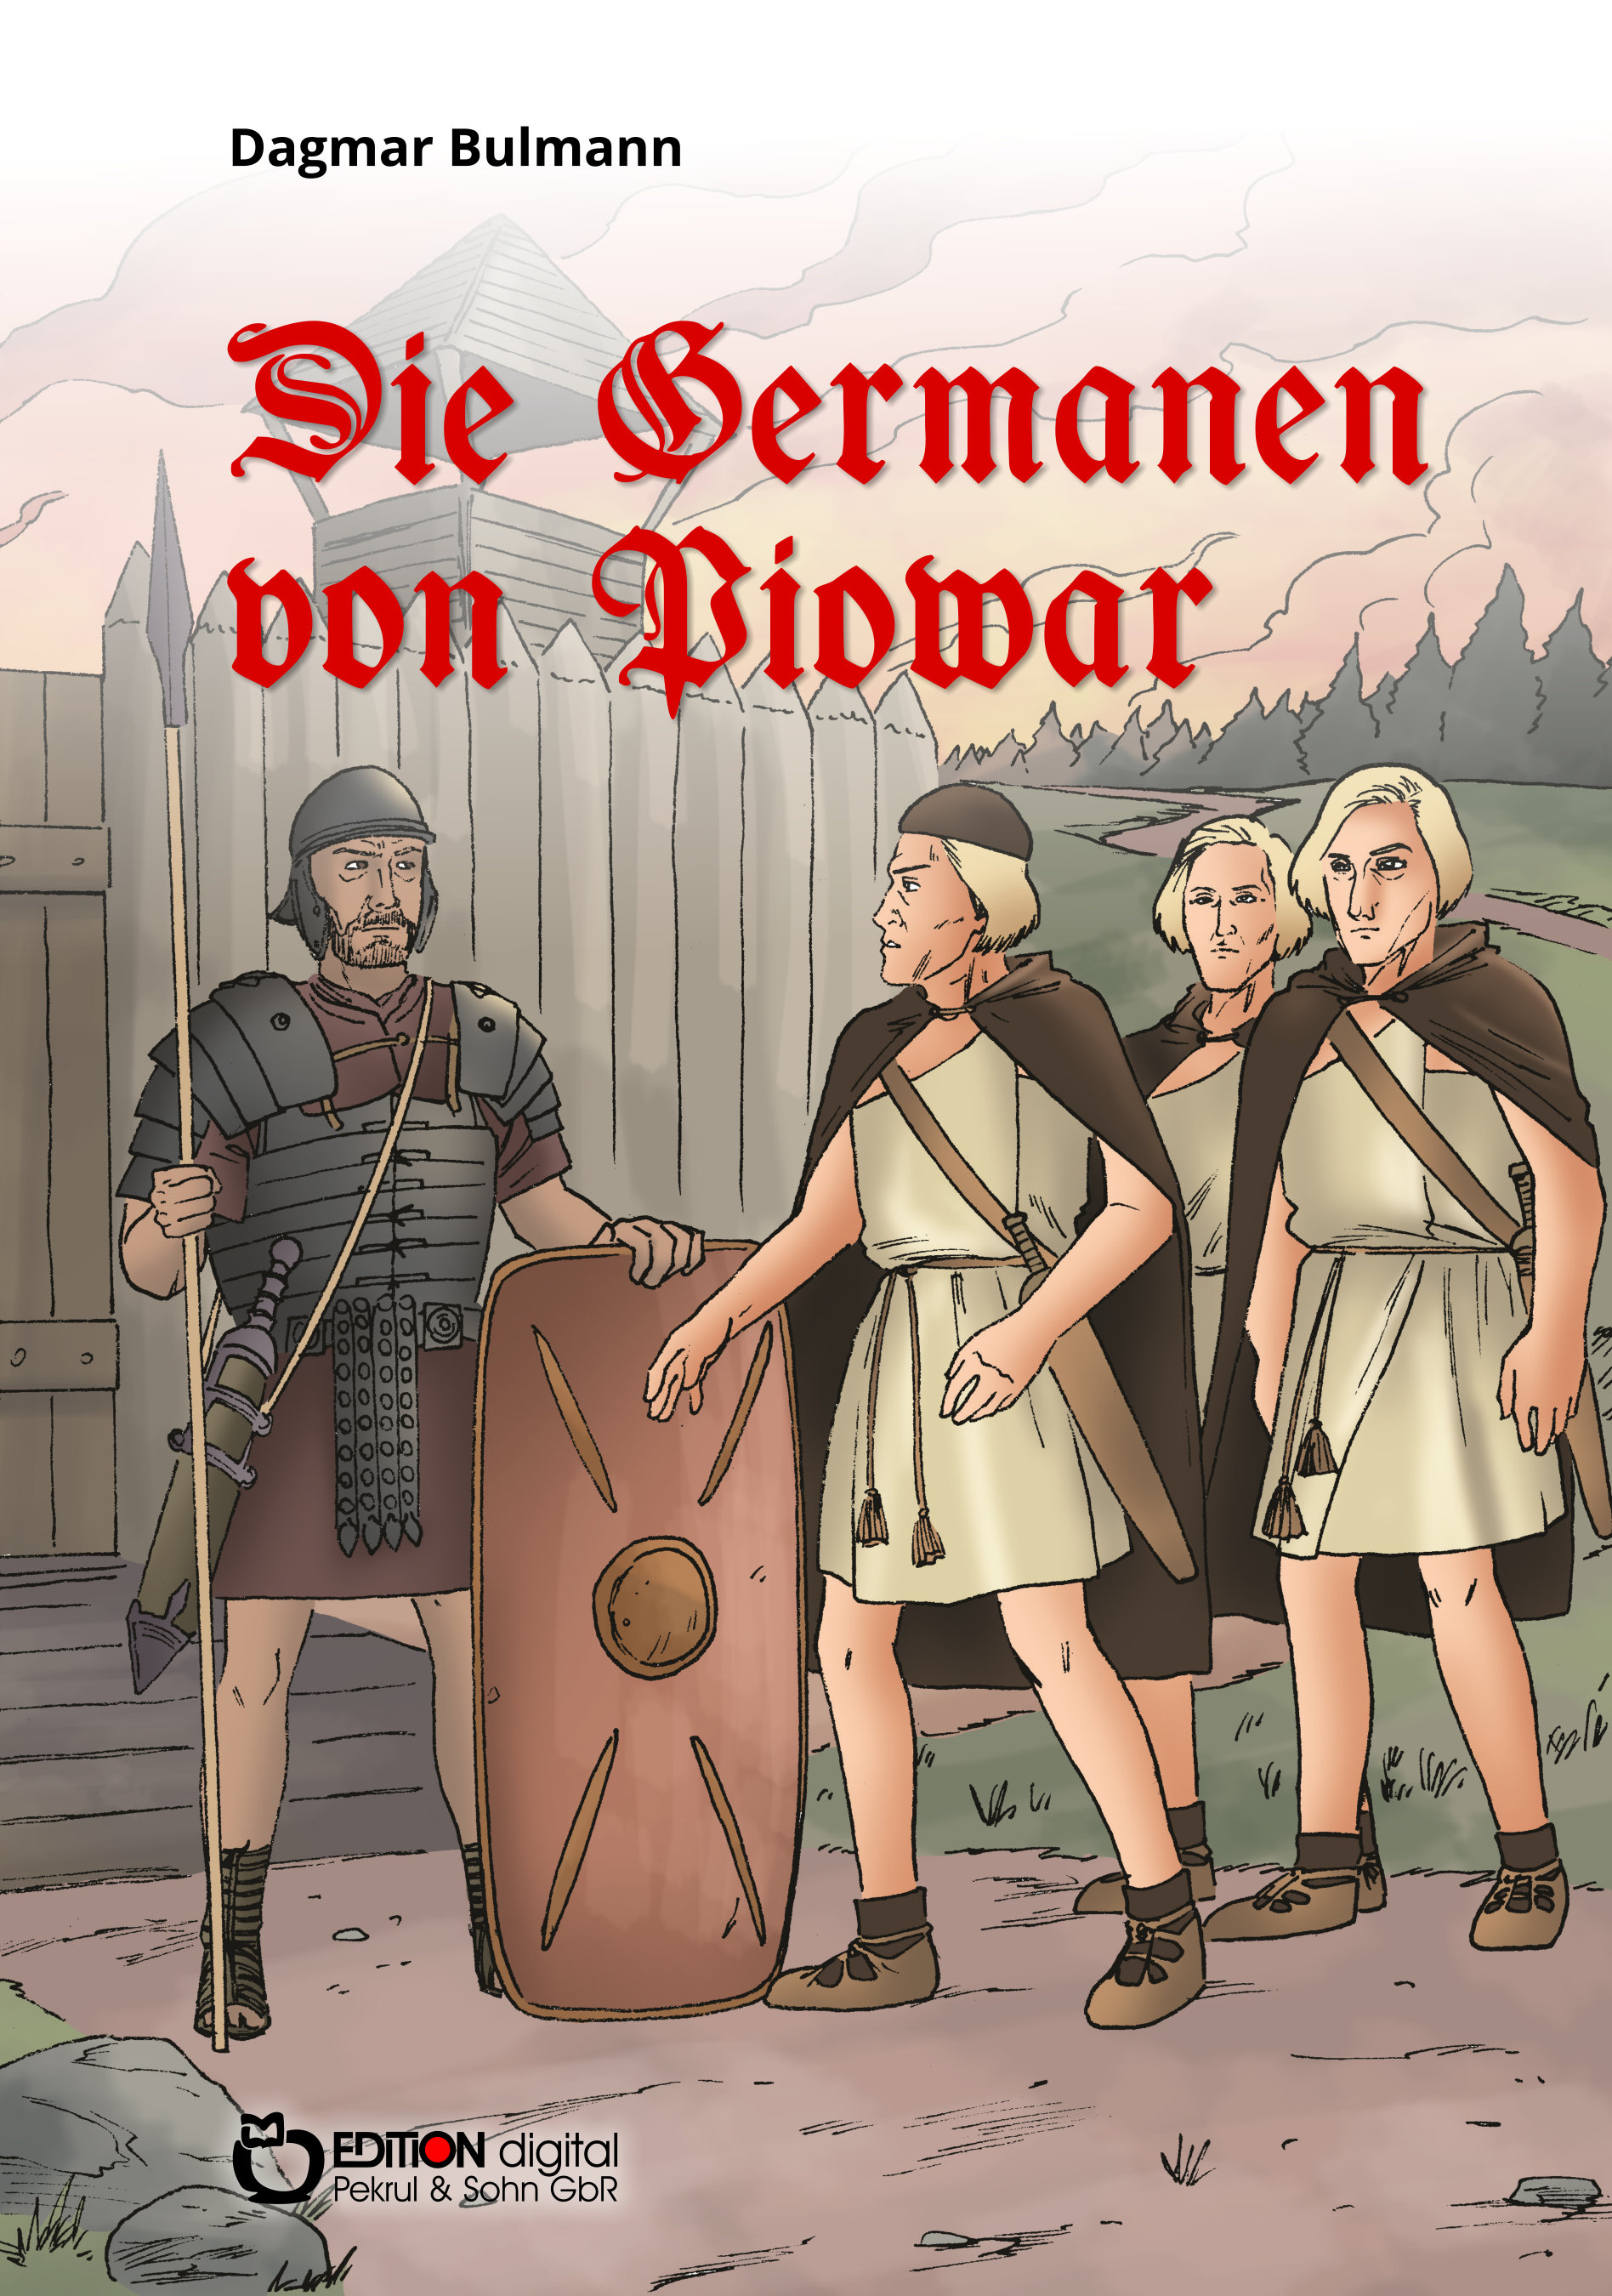 Die Germanen von Piowar von Dagmar Bulmann